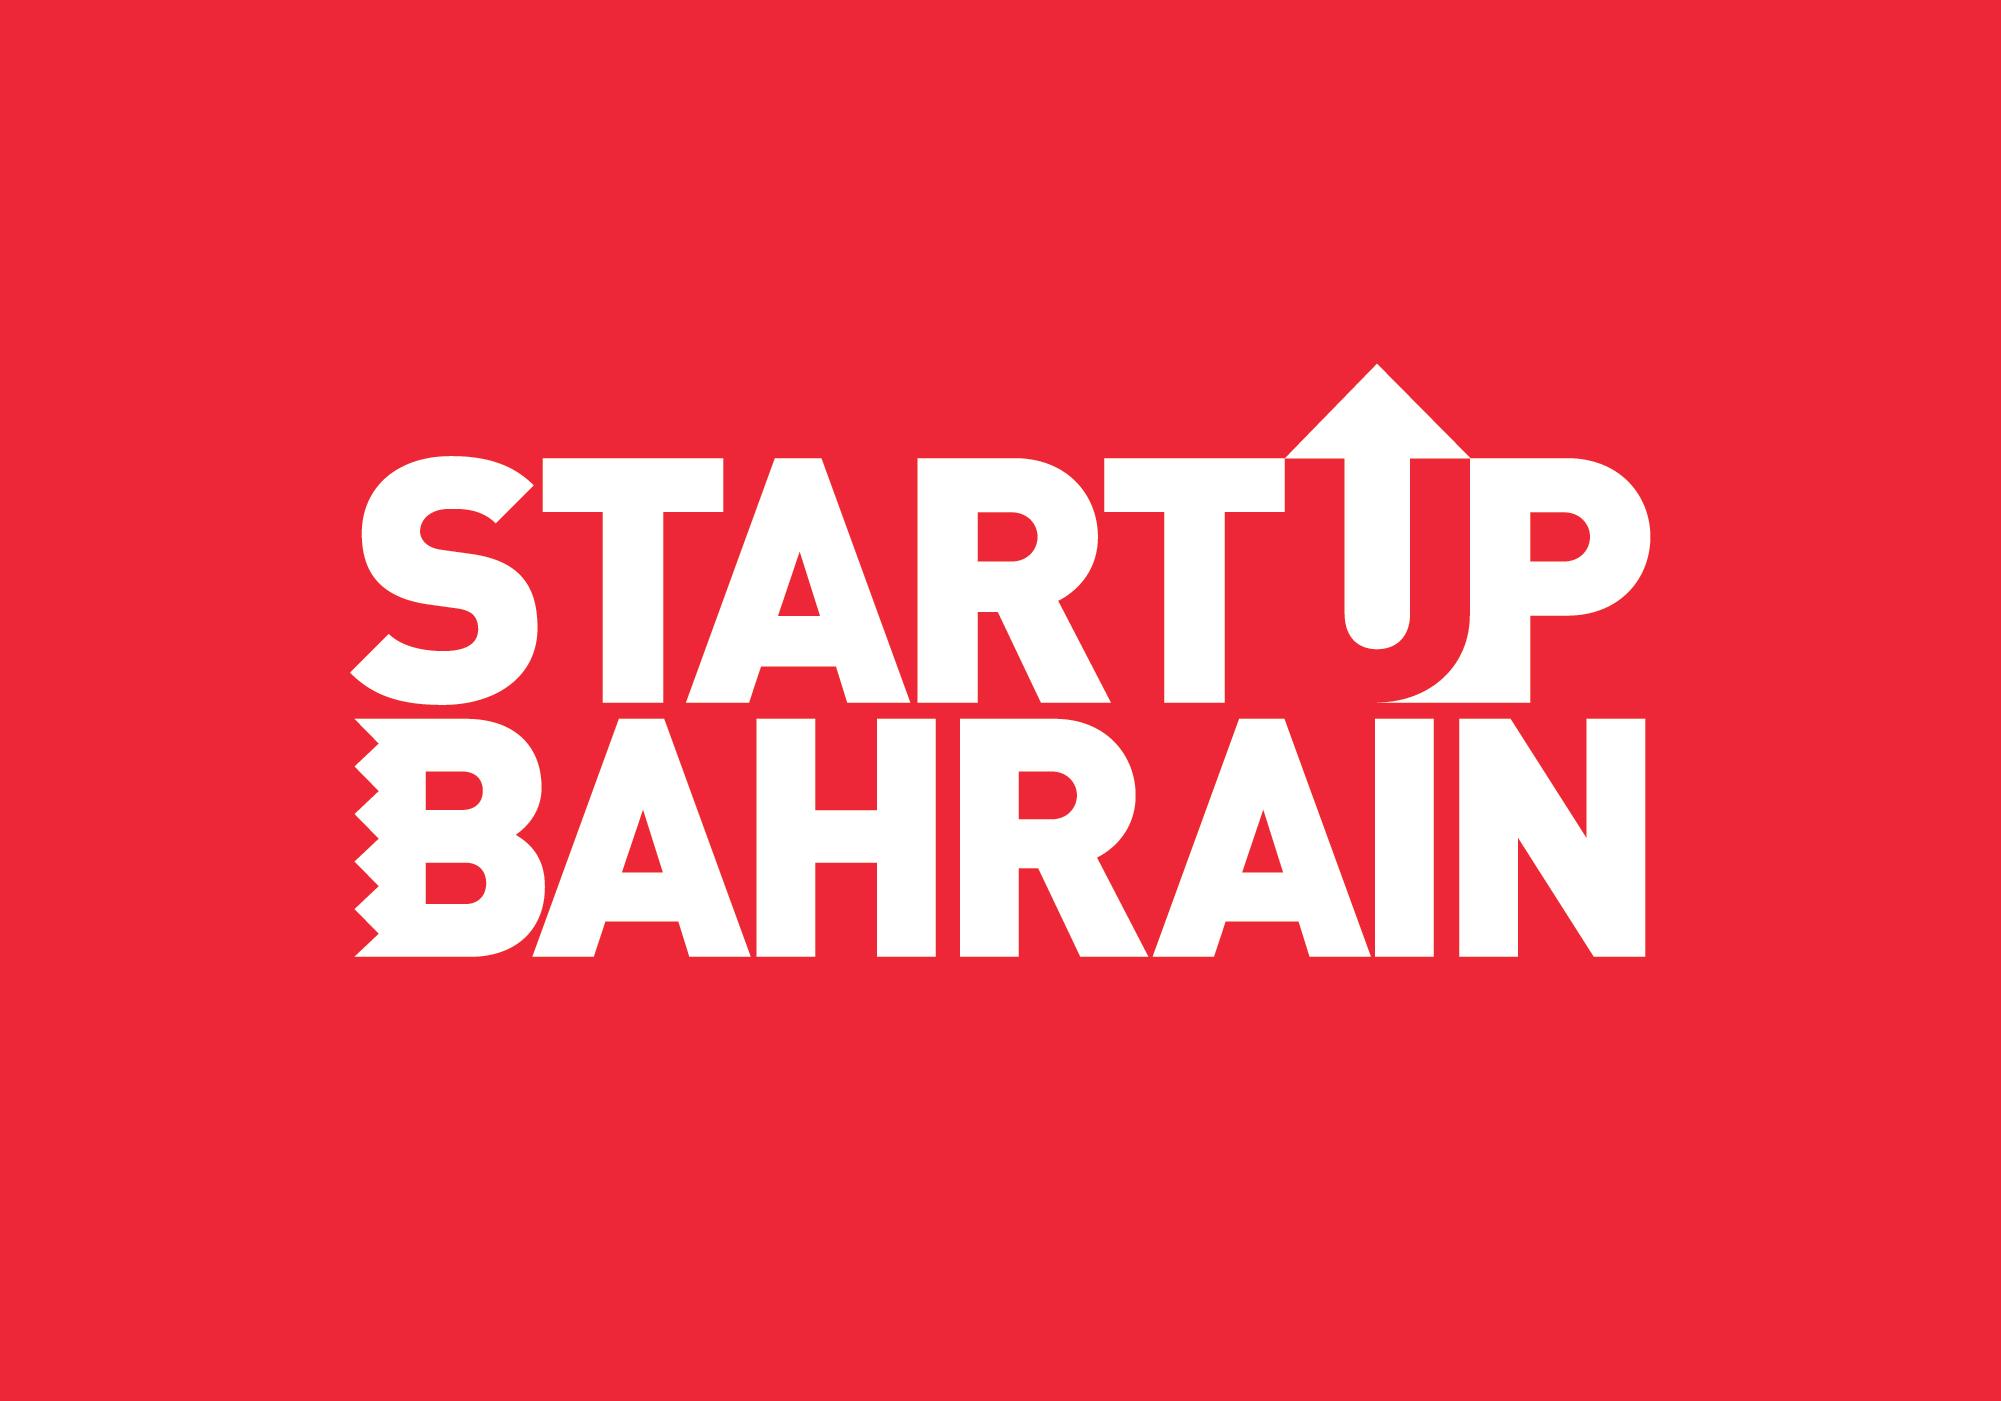 Bahrain startup scene